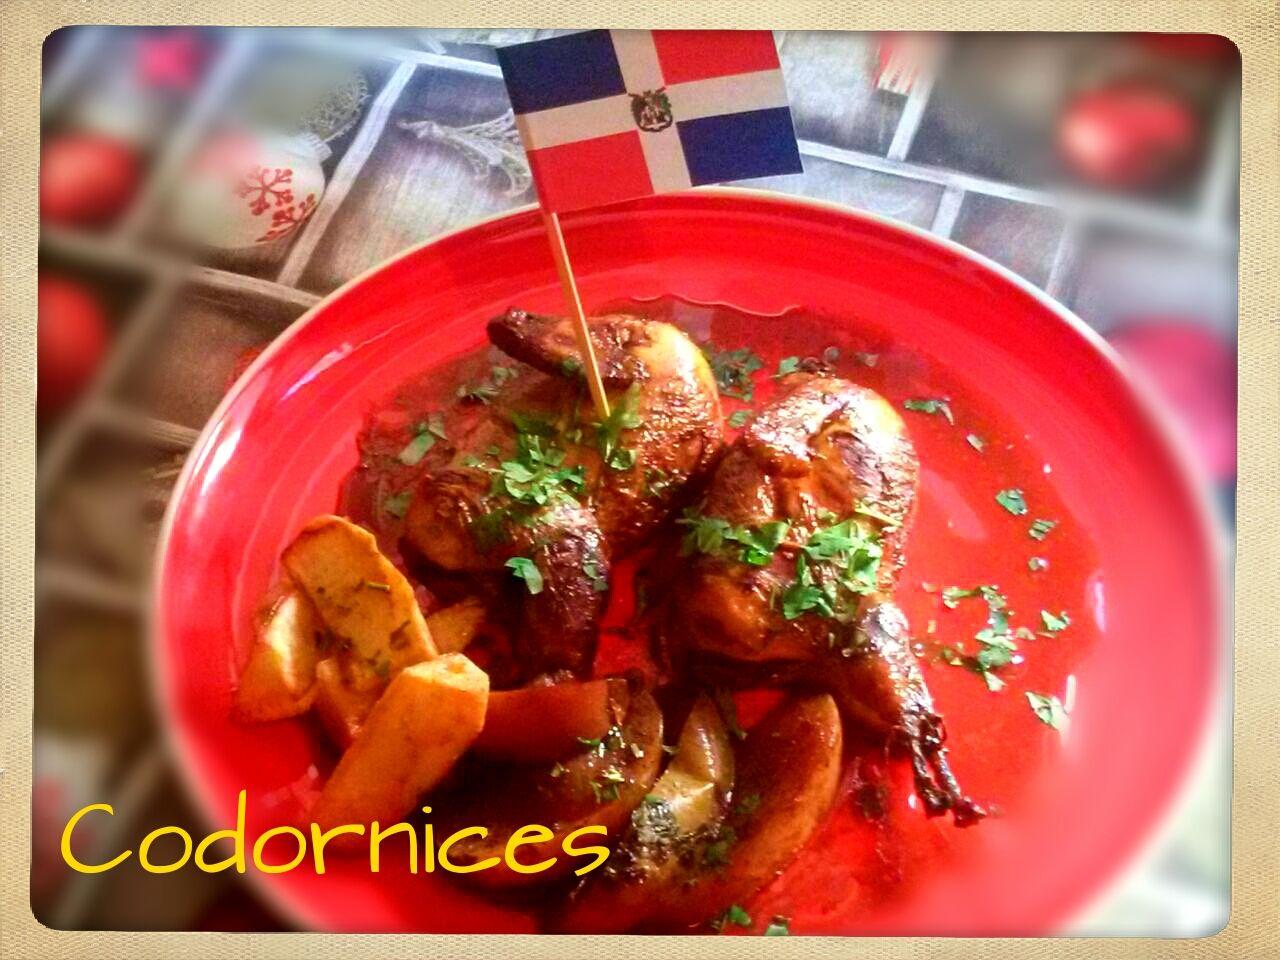 Codornices con Ron y Manzana, República Dominicana. (Cena de Navidad Worldwide)